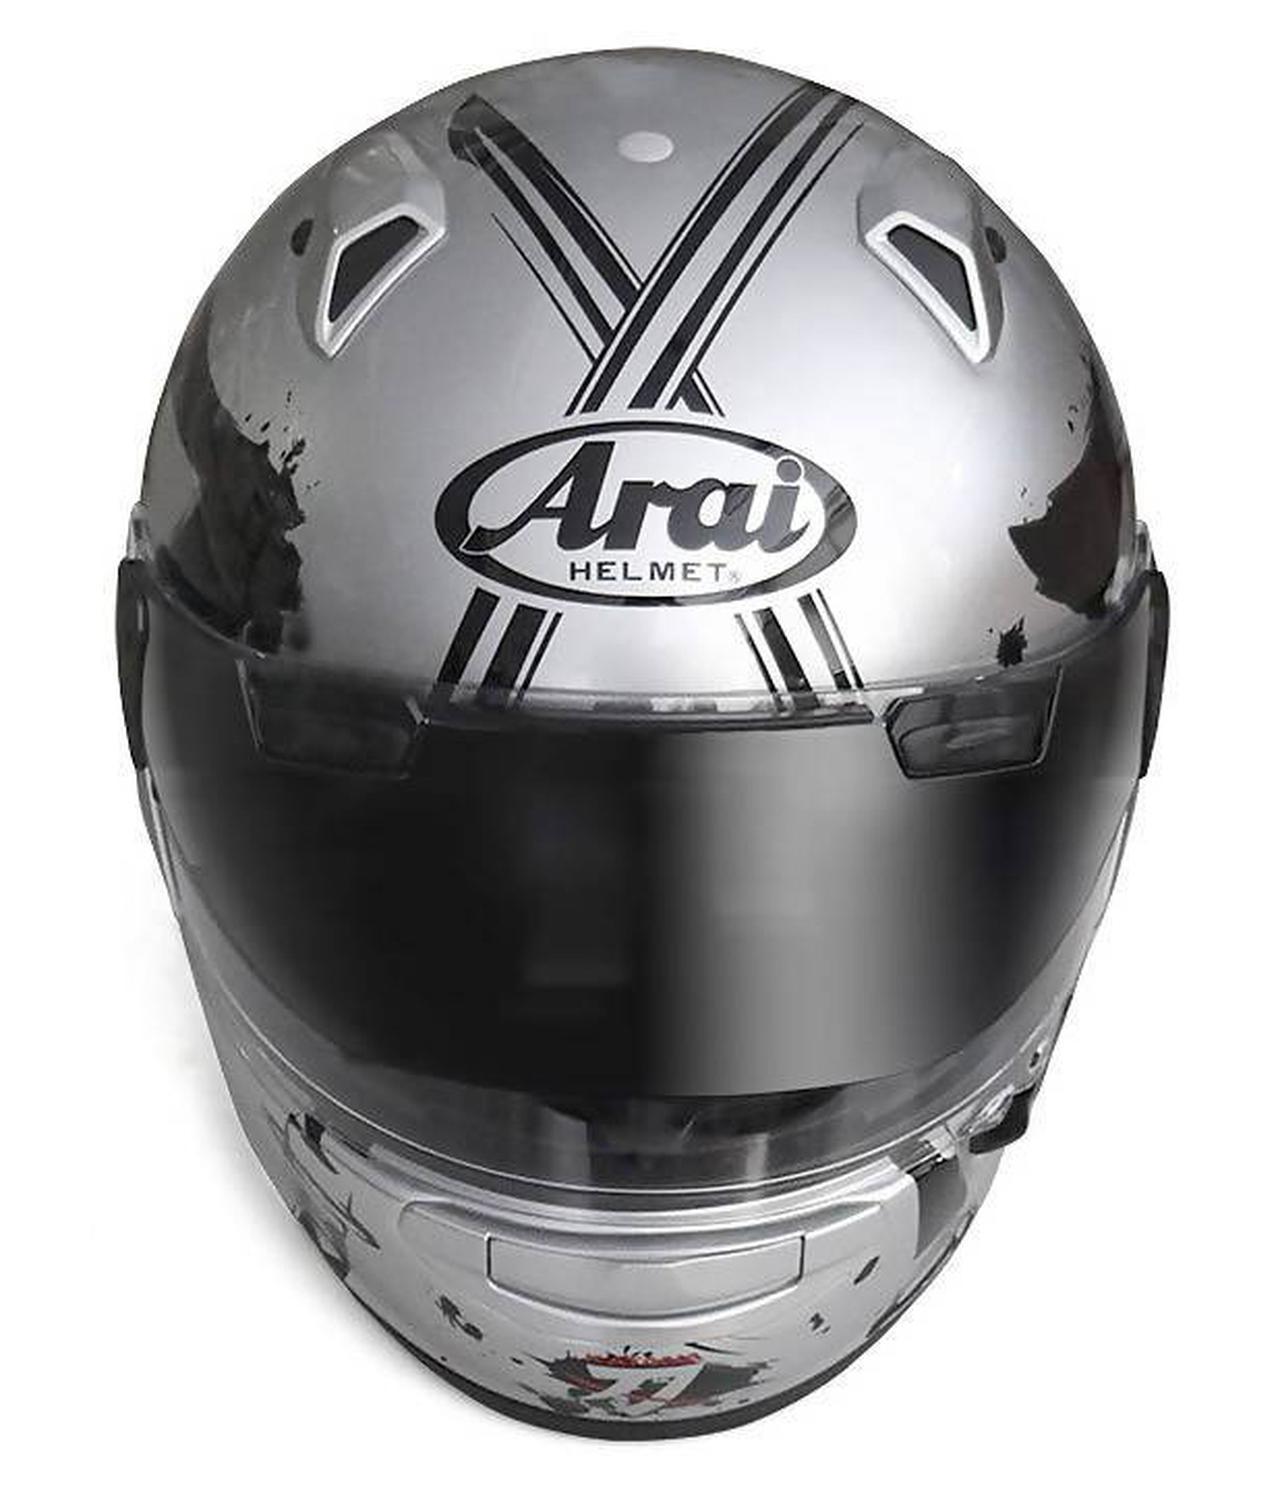 画像1: 【用品】受注生産の限定モデルだった『カタナヘルメット』がスズキの通販サイト「S-MALL」ならまだ手に入るかも!?【寝ても覚めてもスズキのバイク!/KATANA ヘルメット 編】